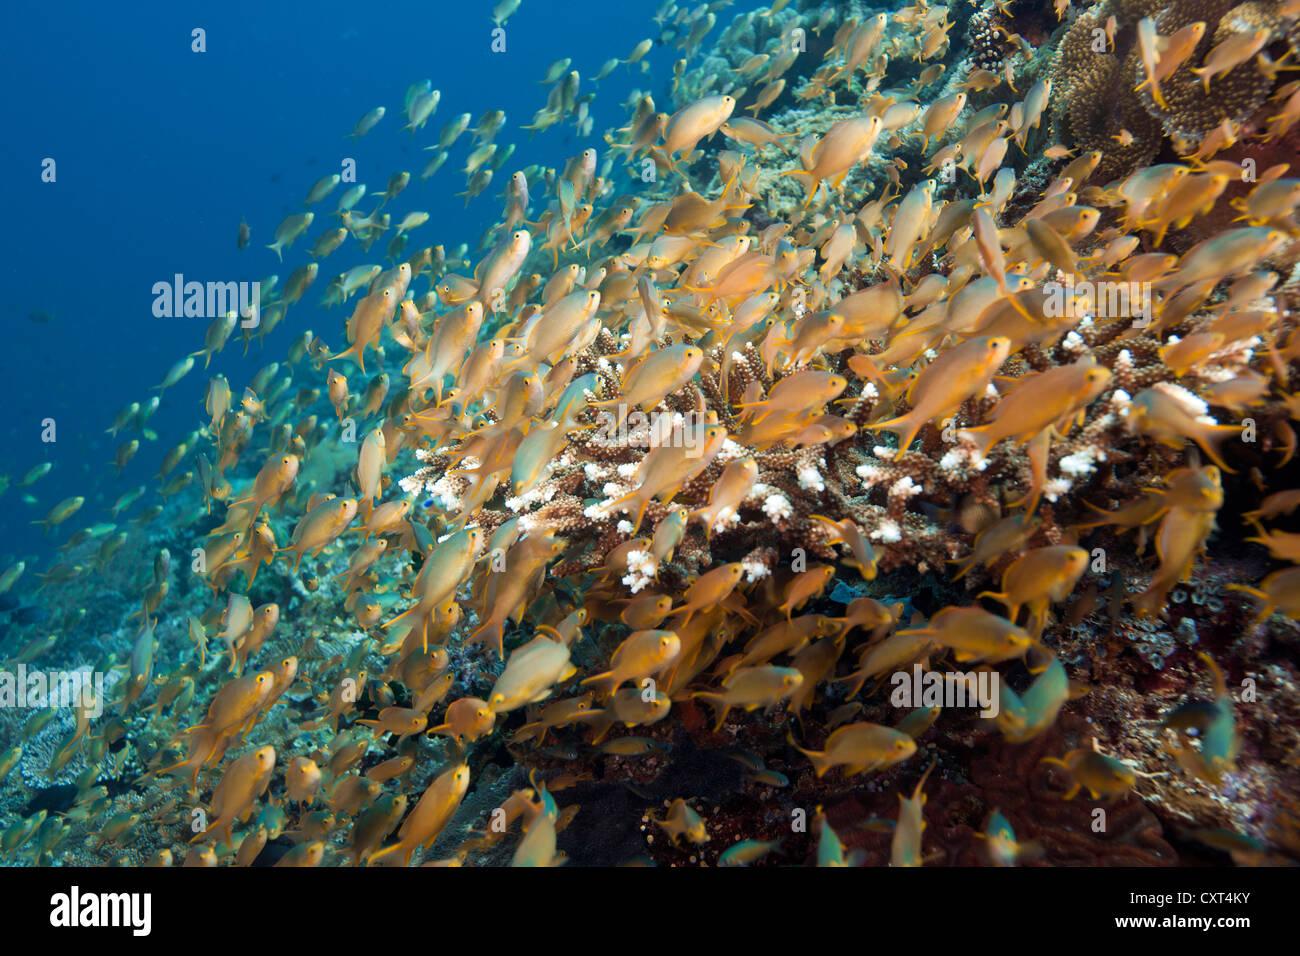 Sea Goldie, Lyretail Coralfish, Lyretail Anthia, Scalefin Anthia or Goldfish (Pseudanthias squamipinnis), swarm - Stock Image